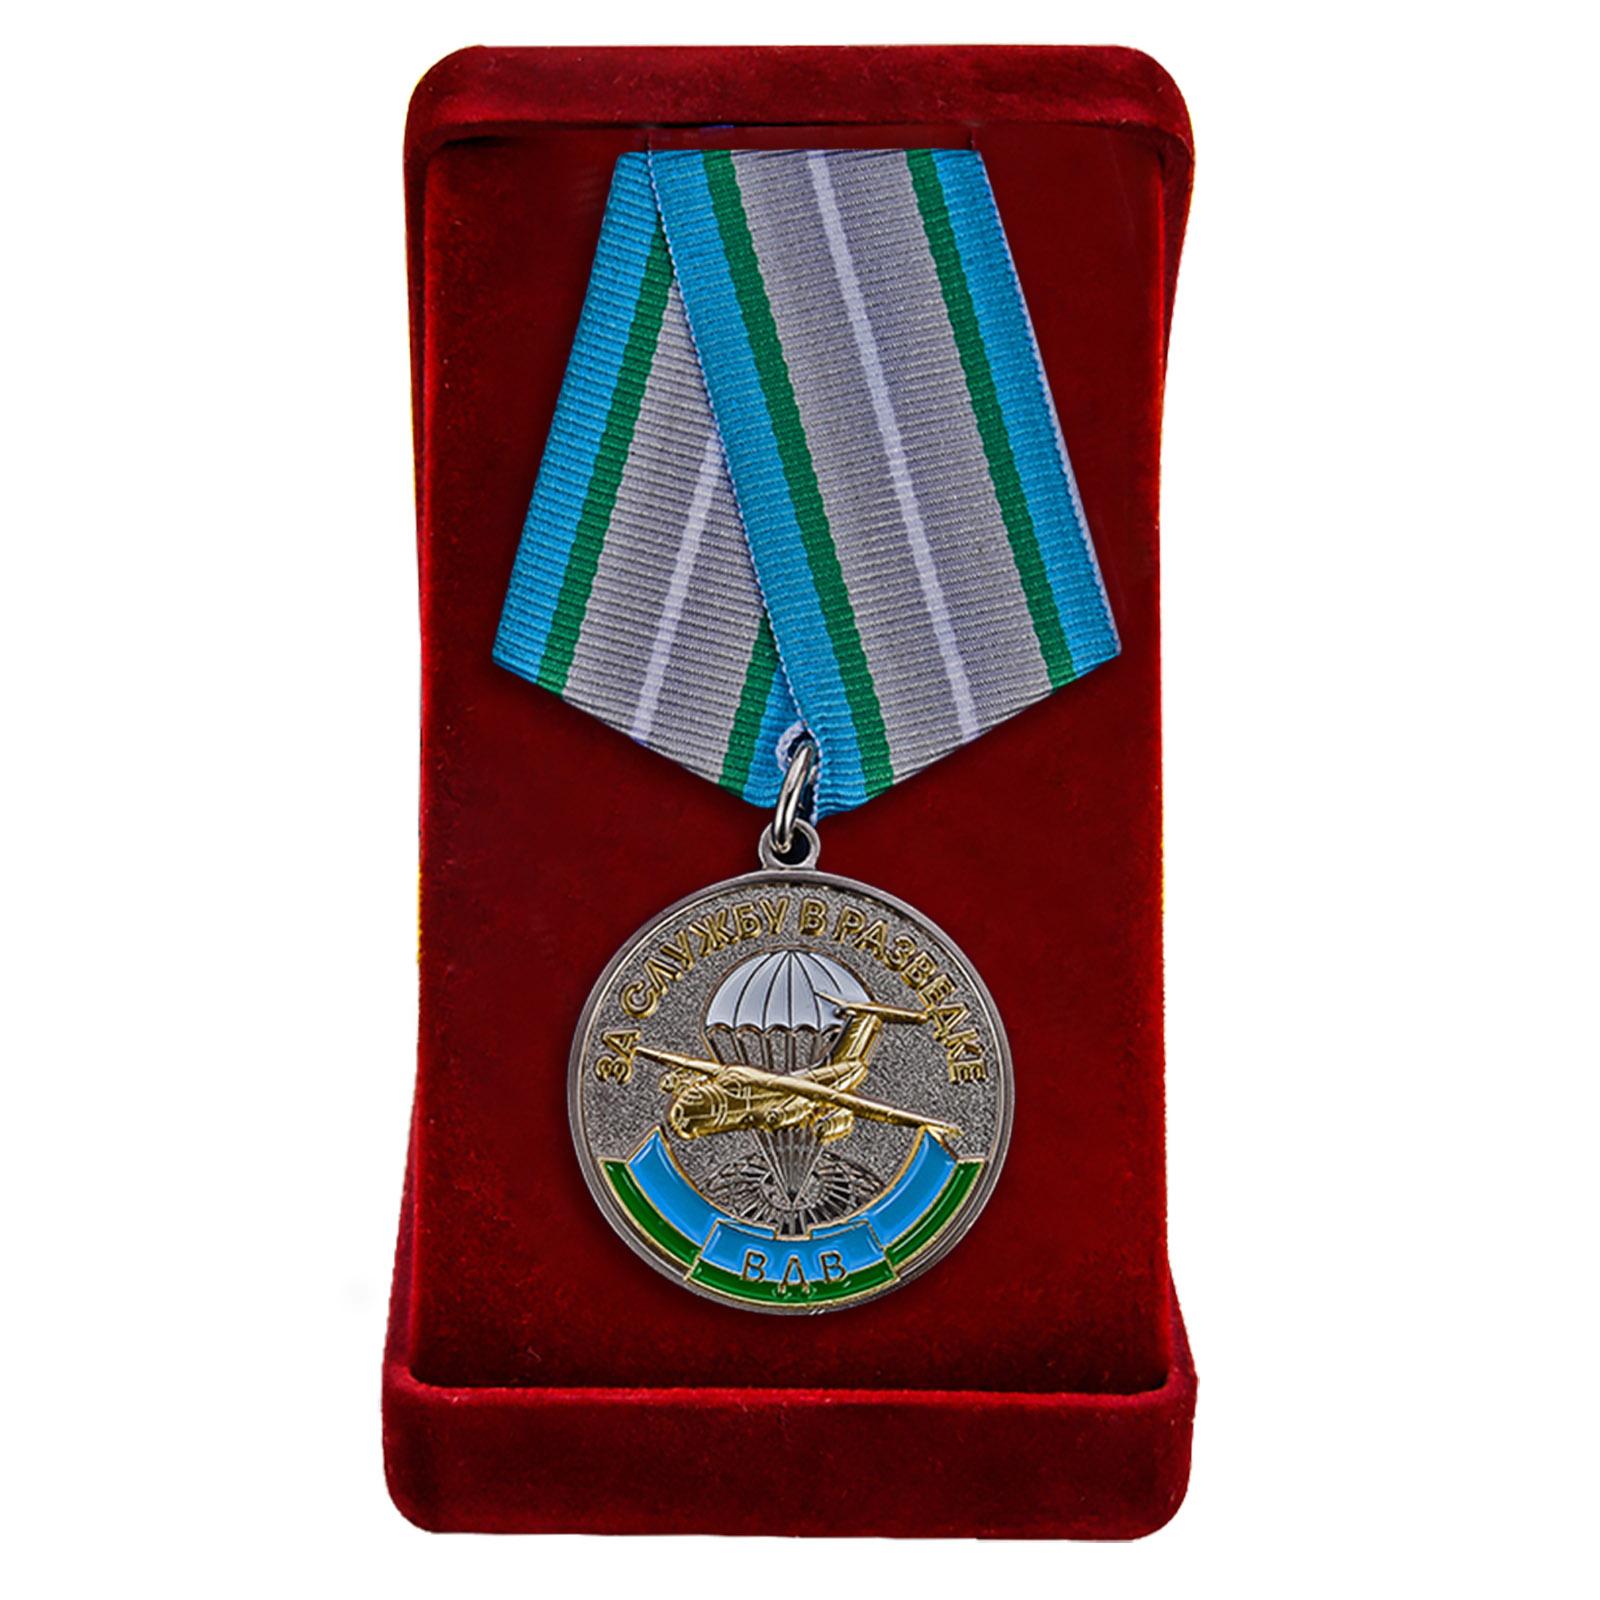 Купить медаль За службу в разведке ВДВ онлайн выгодно